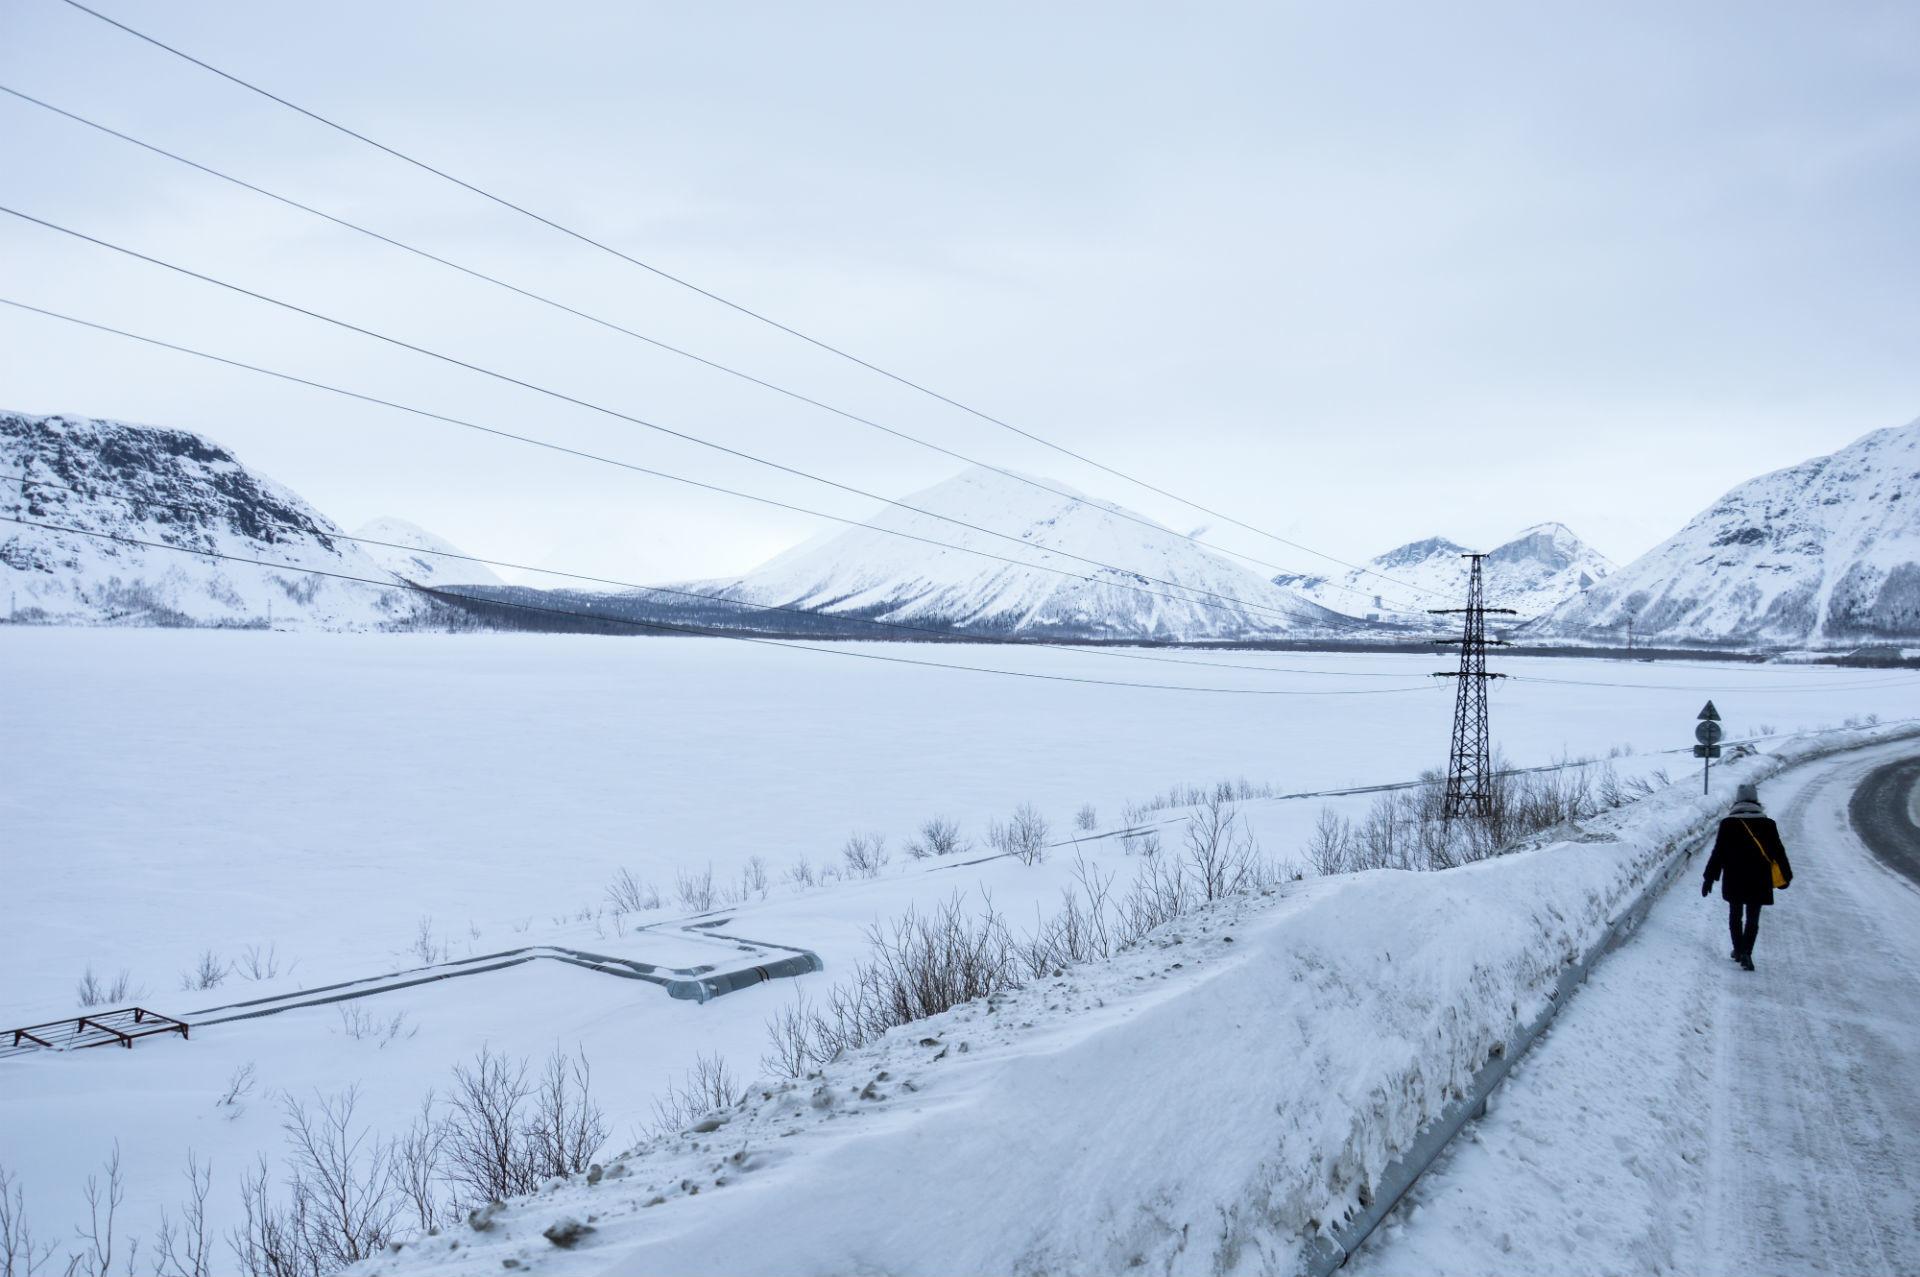 Il Lago Bolshoj Vudjavr ghiacciato coperto da una coltre bianca di neve